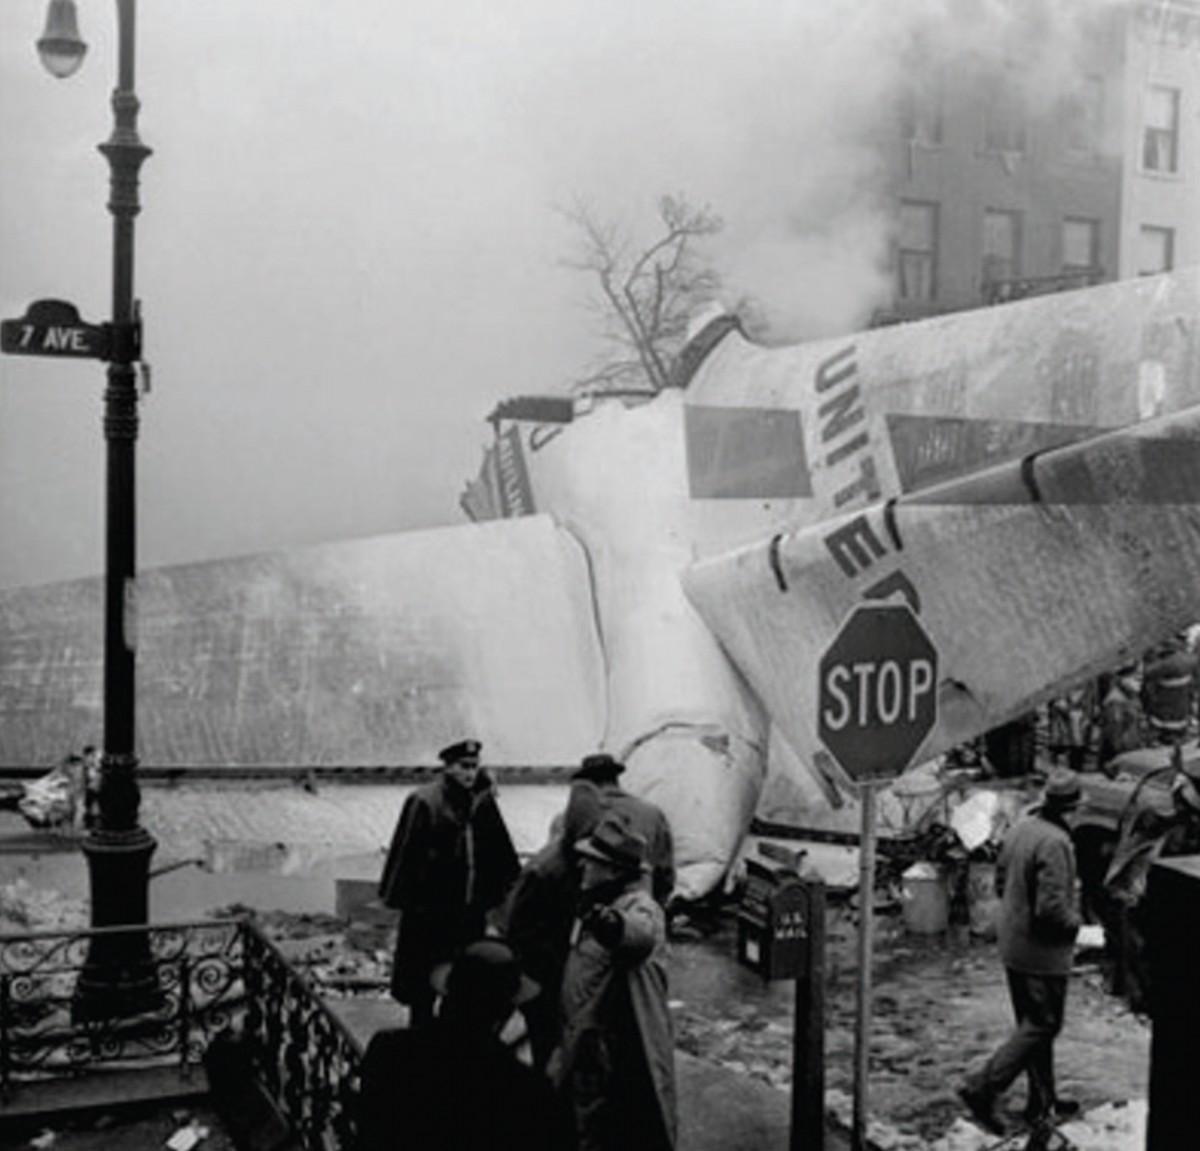 The Park Slope plane crash